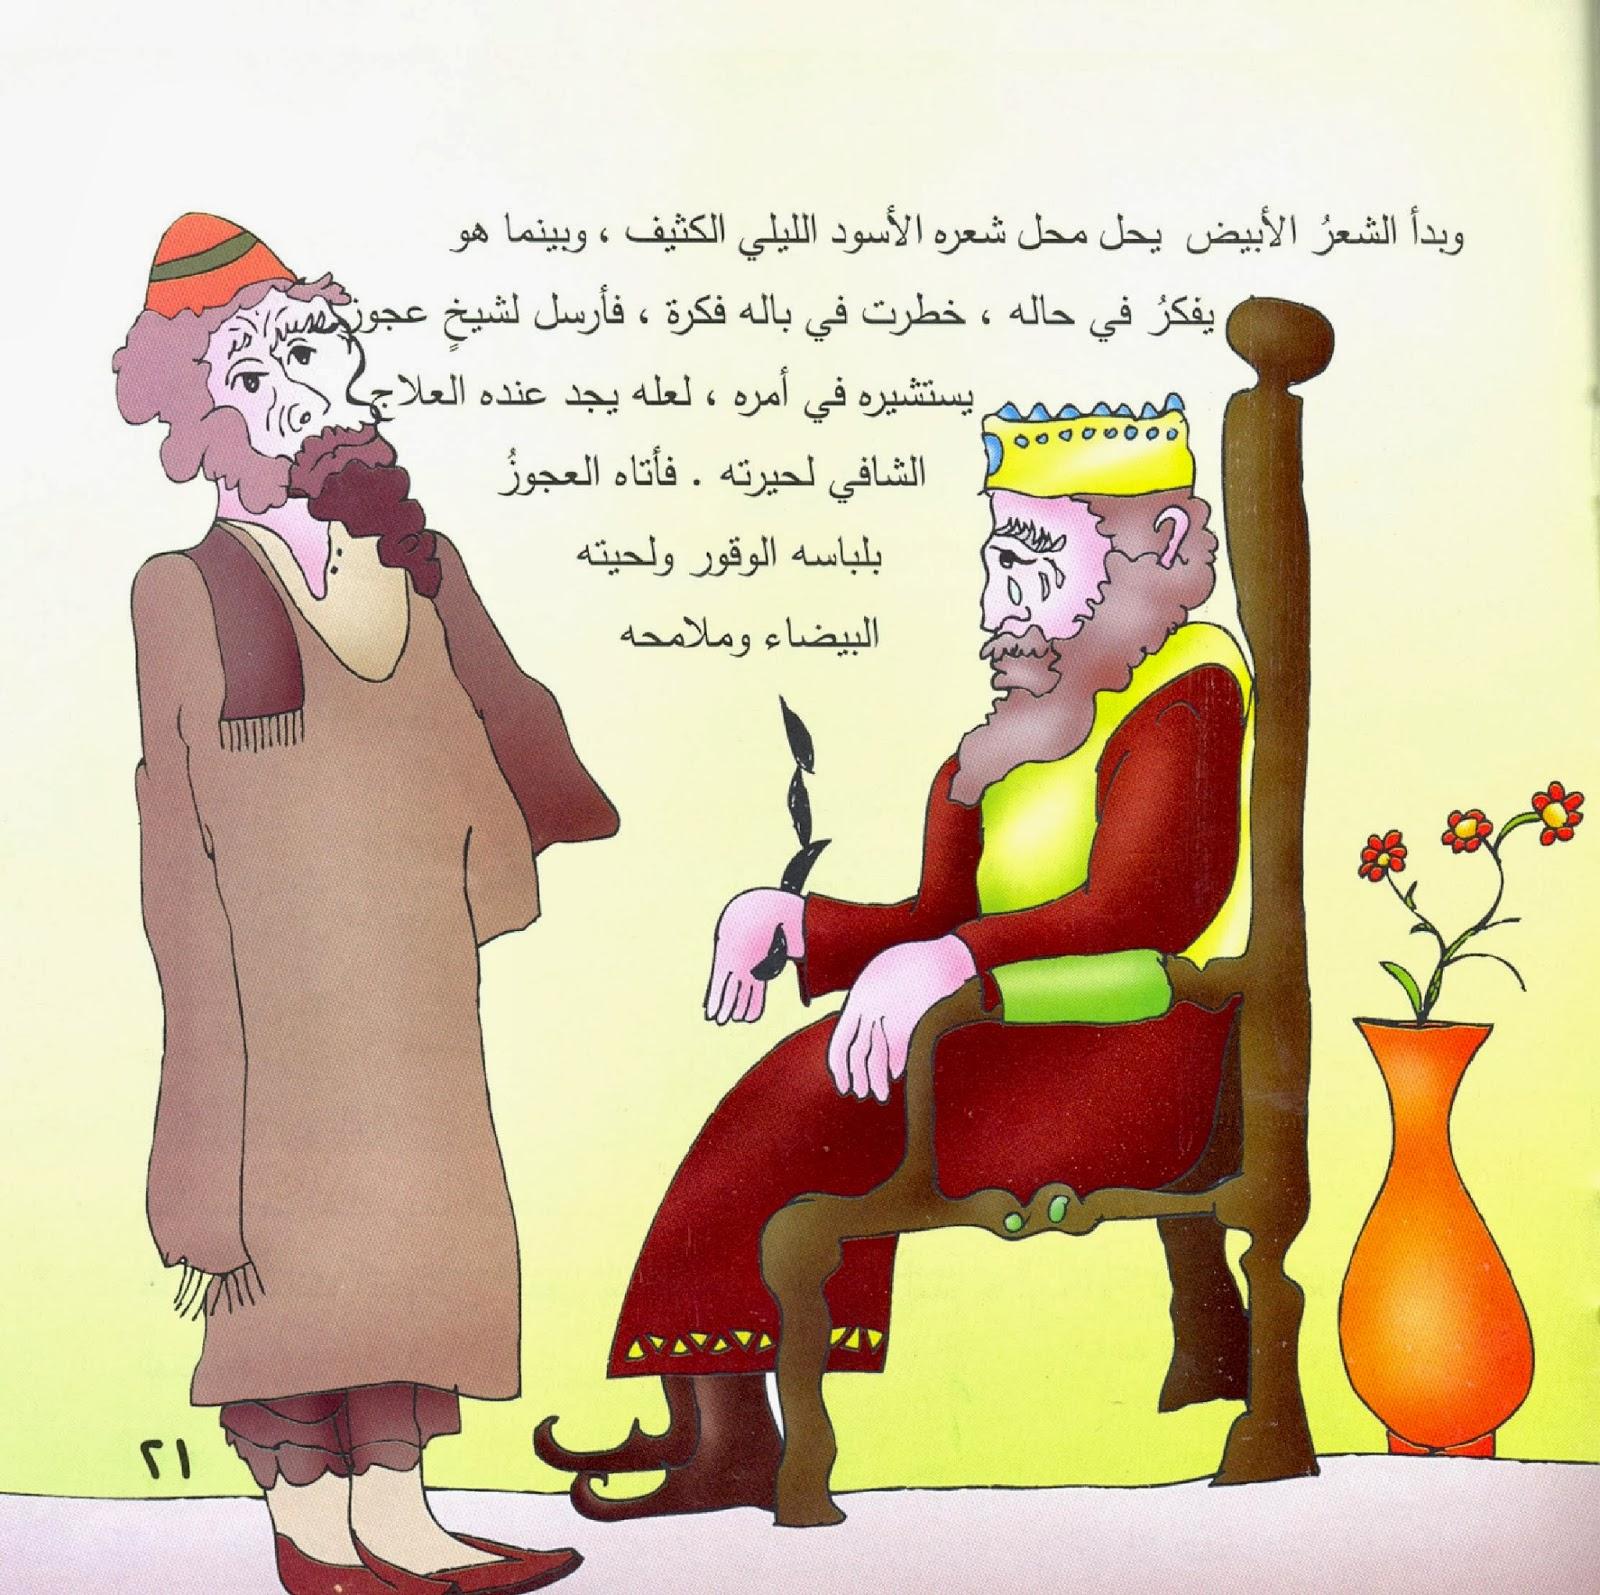 صورة حكايات شعبية جزائرية قديمة وقصيرة , القصة الشعبية الجزائرية مابين الاسطورة والحقيقة